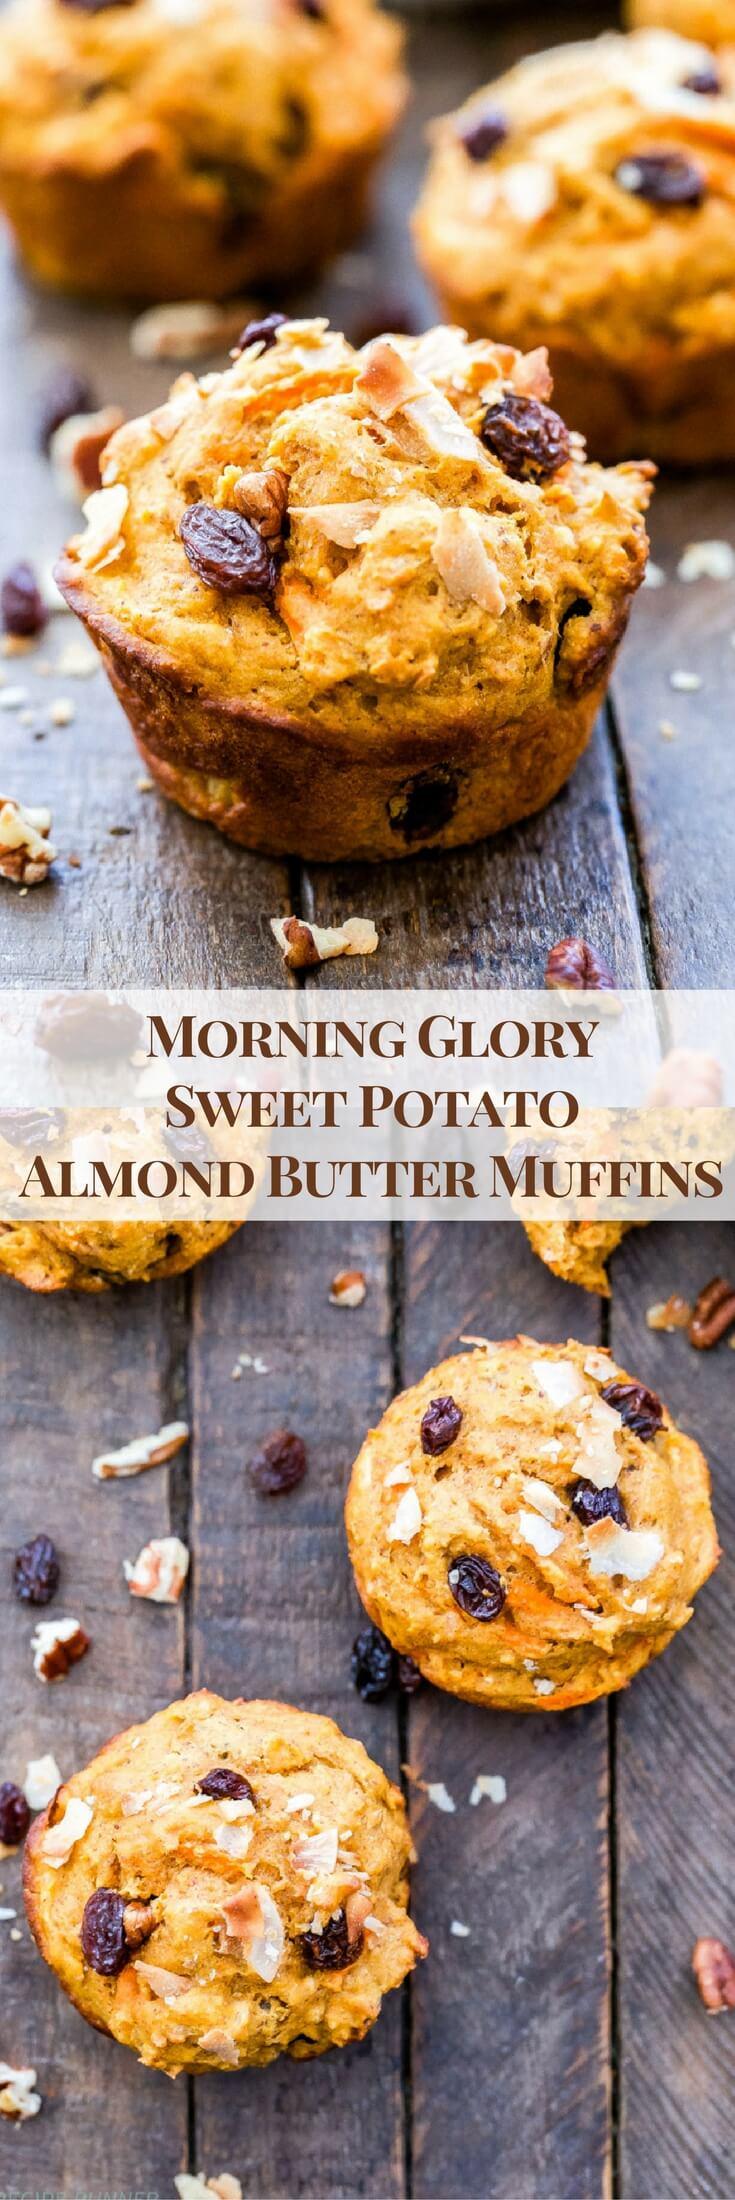 Morning Glory Sweet Potato Almond Butter Muffins Recipe